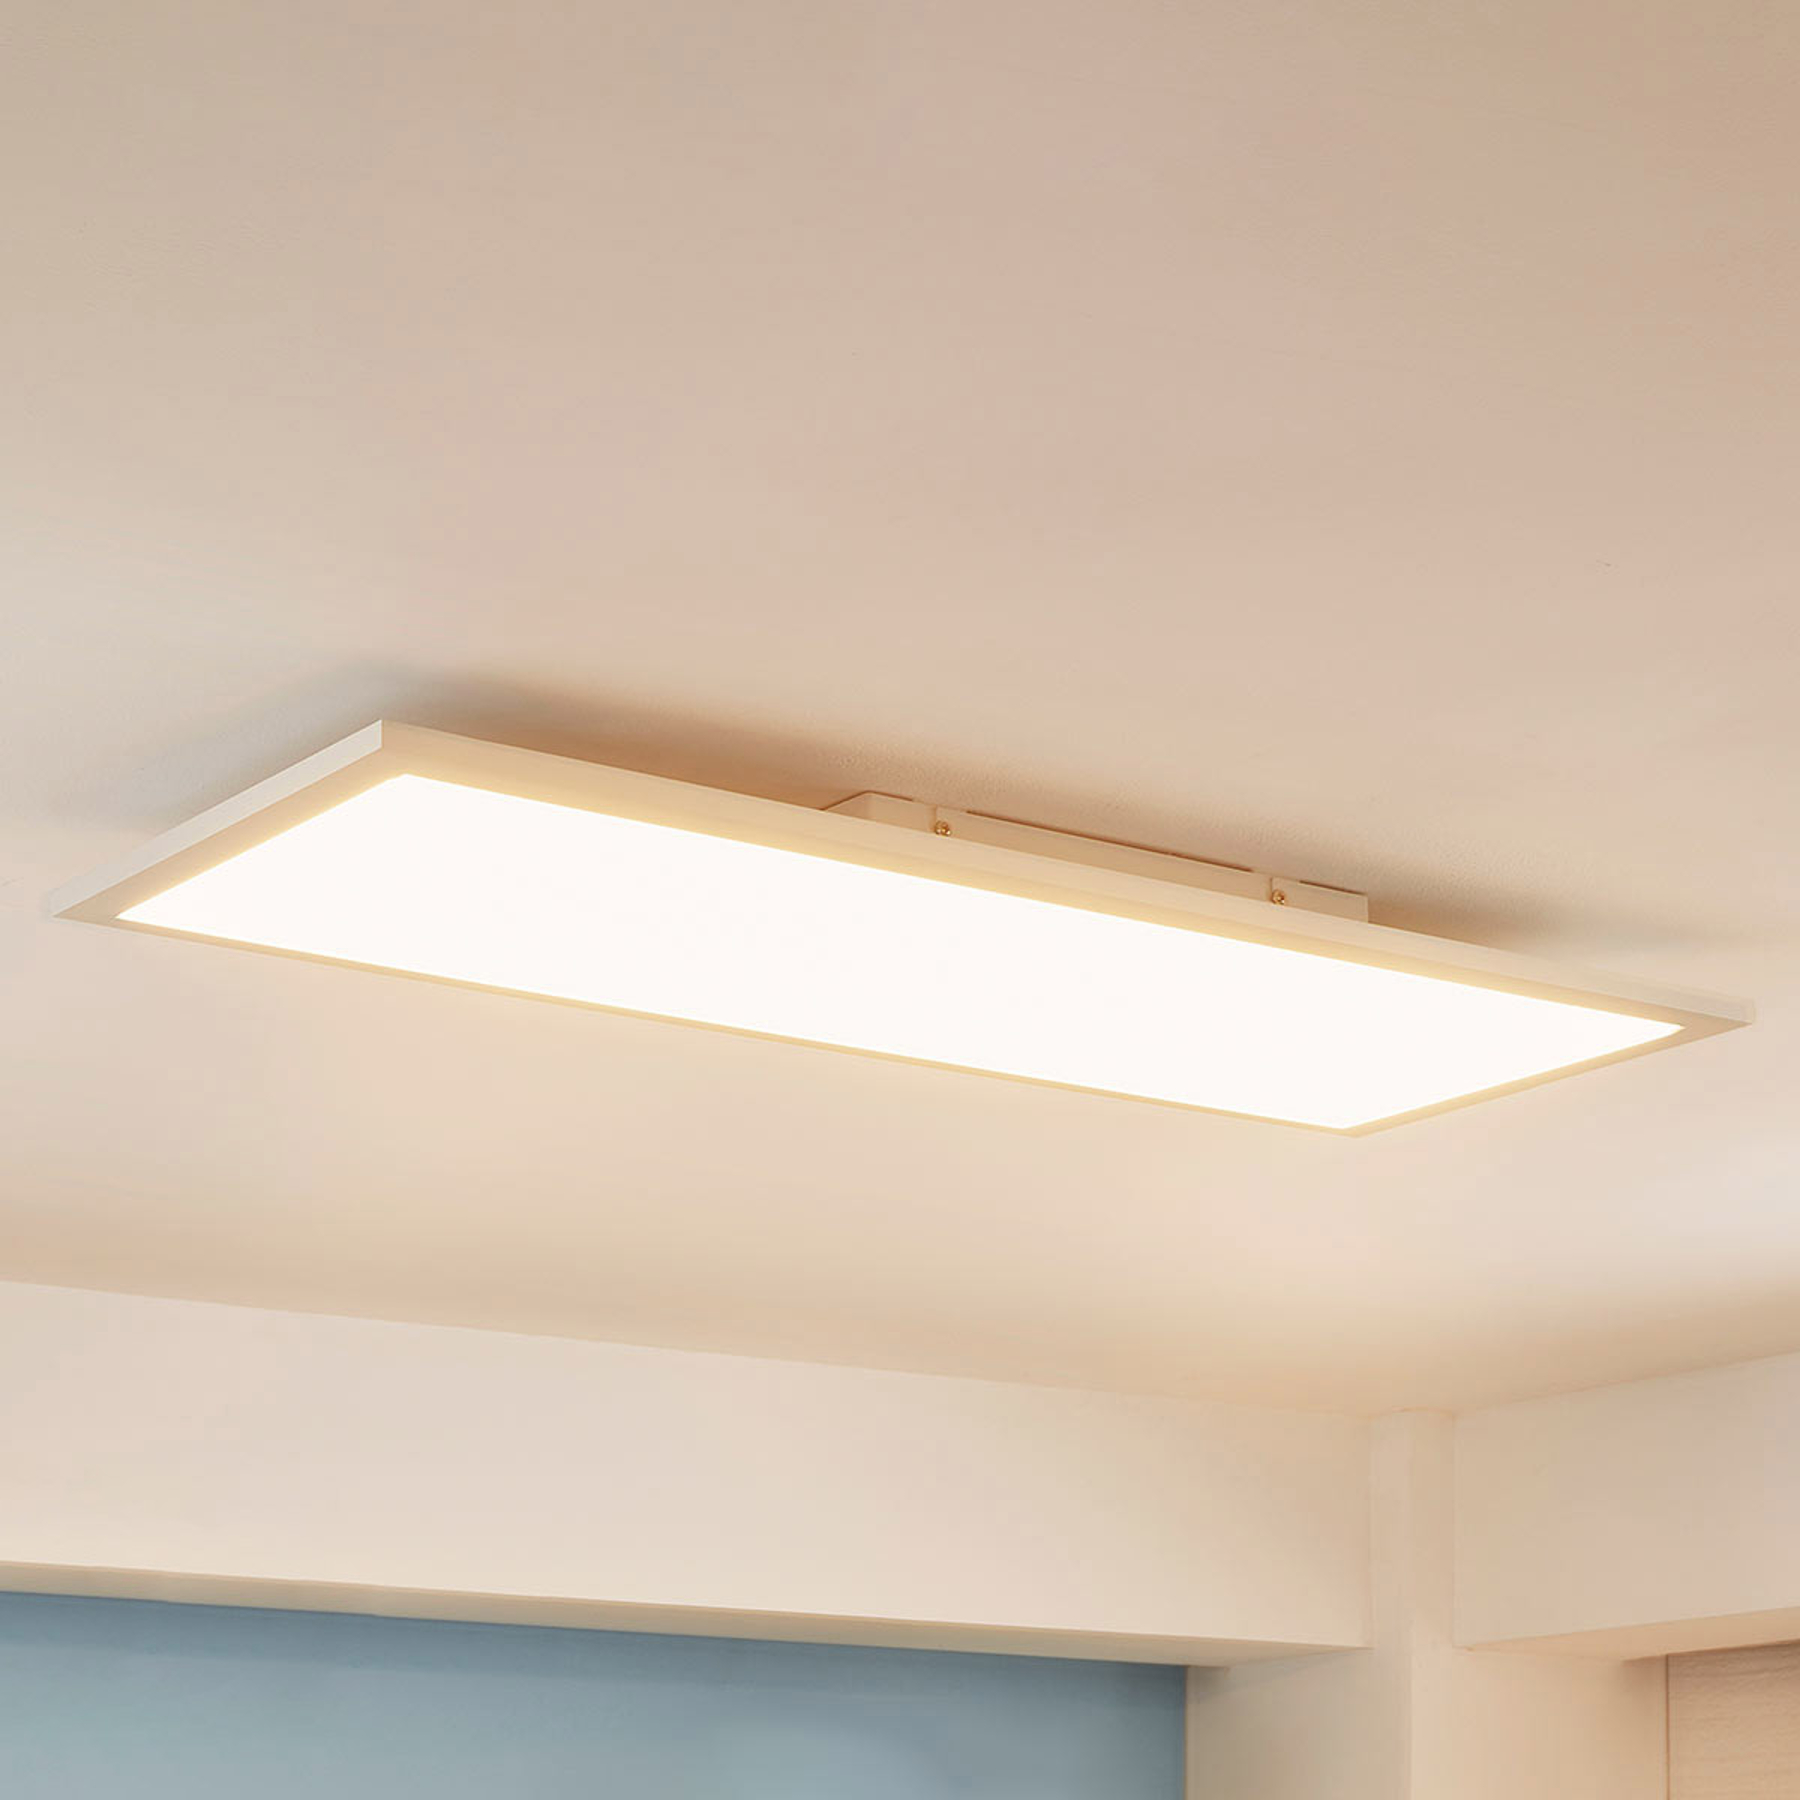 Pannello LED lineare Enja, 30 x 80 cm